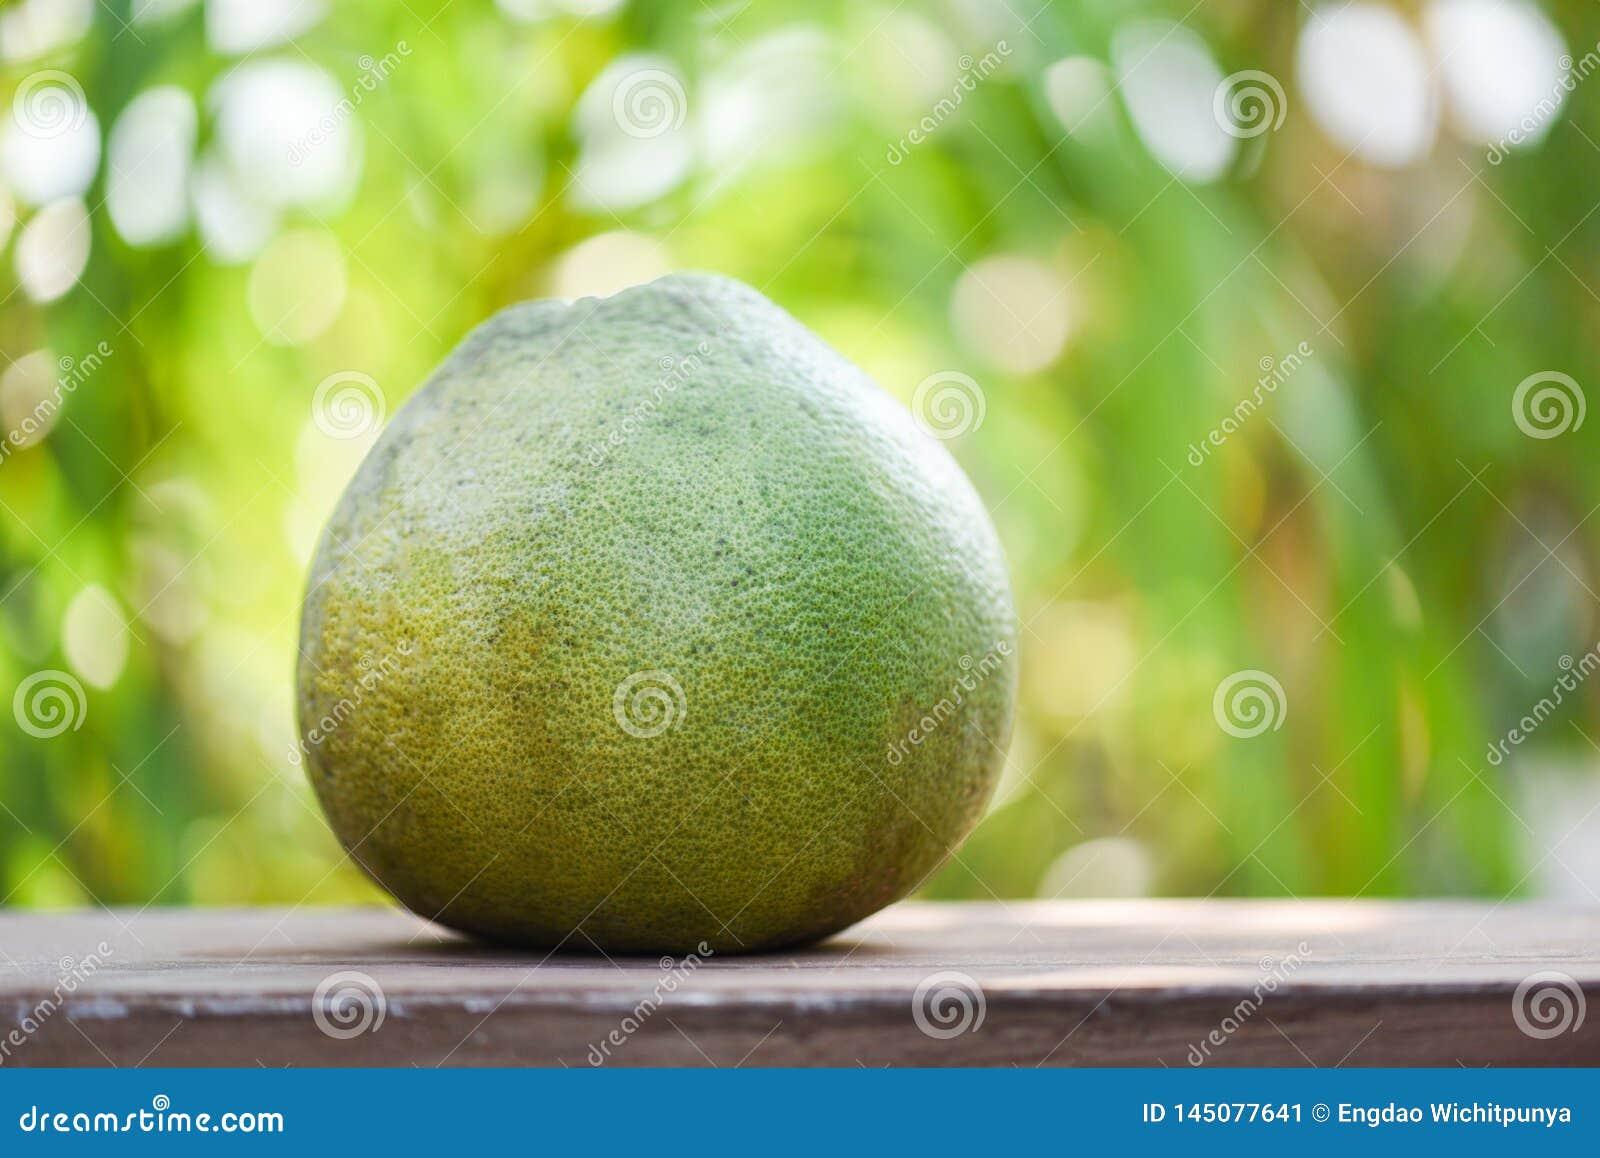 Φρέσκα pomelo φρούτα στο ξύλινο υπόβαθρο επιτραπέζιας πράσινο φύσης